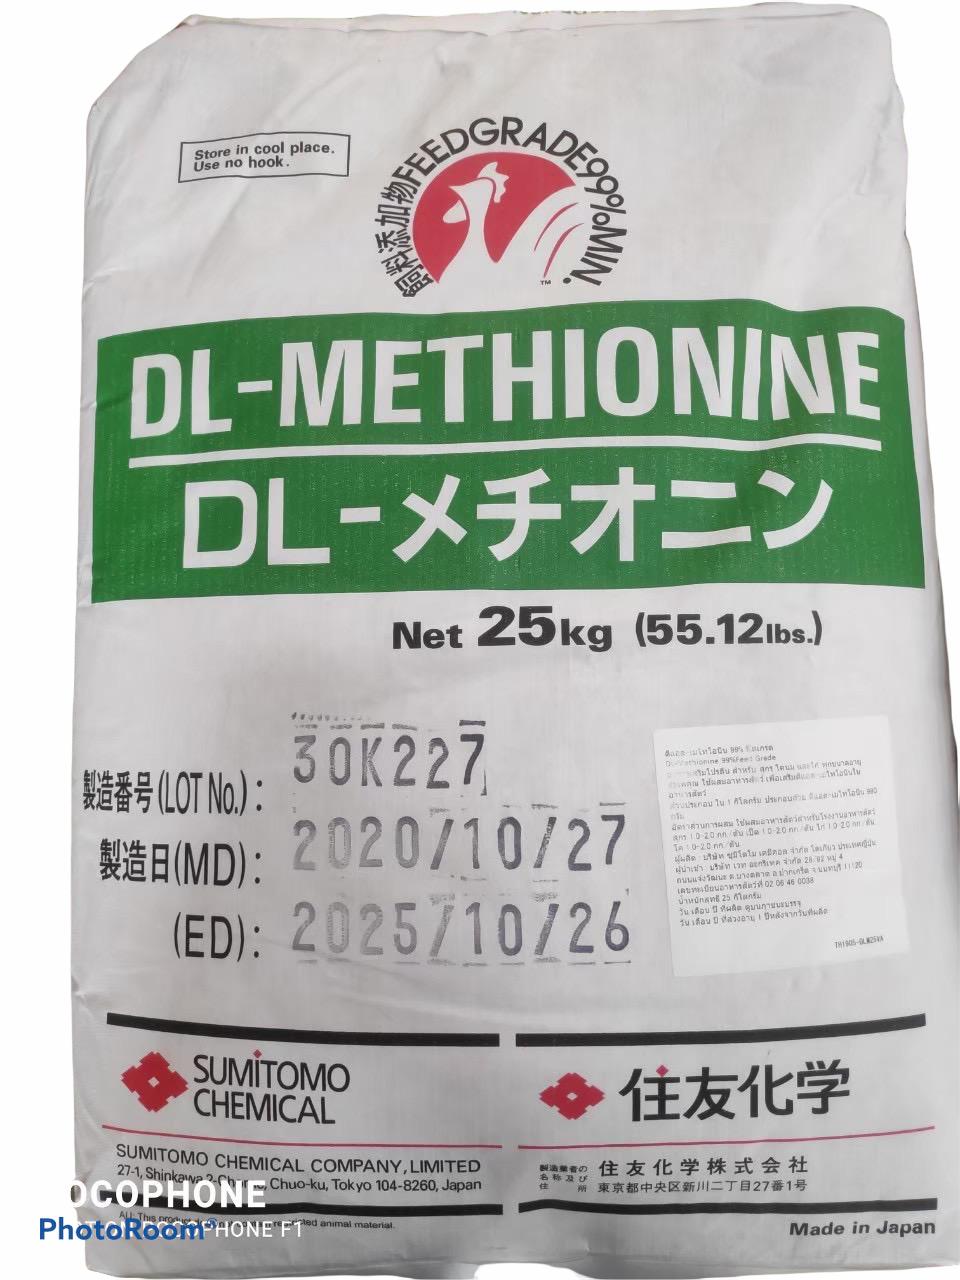 เมทไธโอนีน (Dl-Methionine)